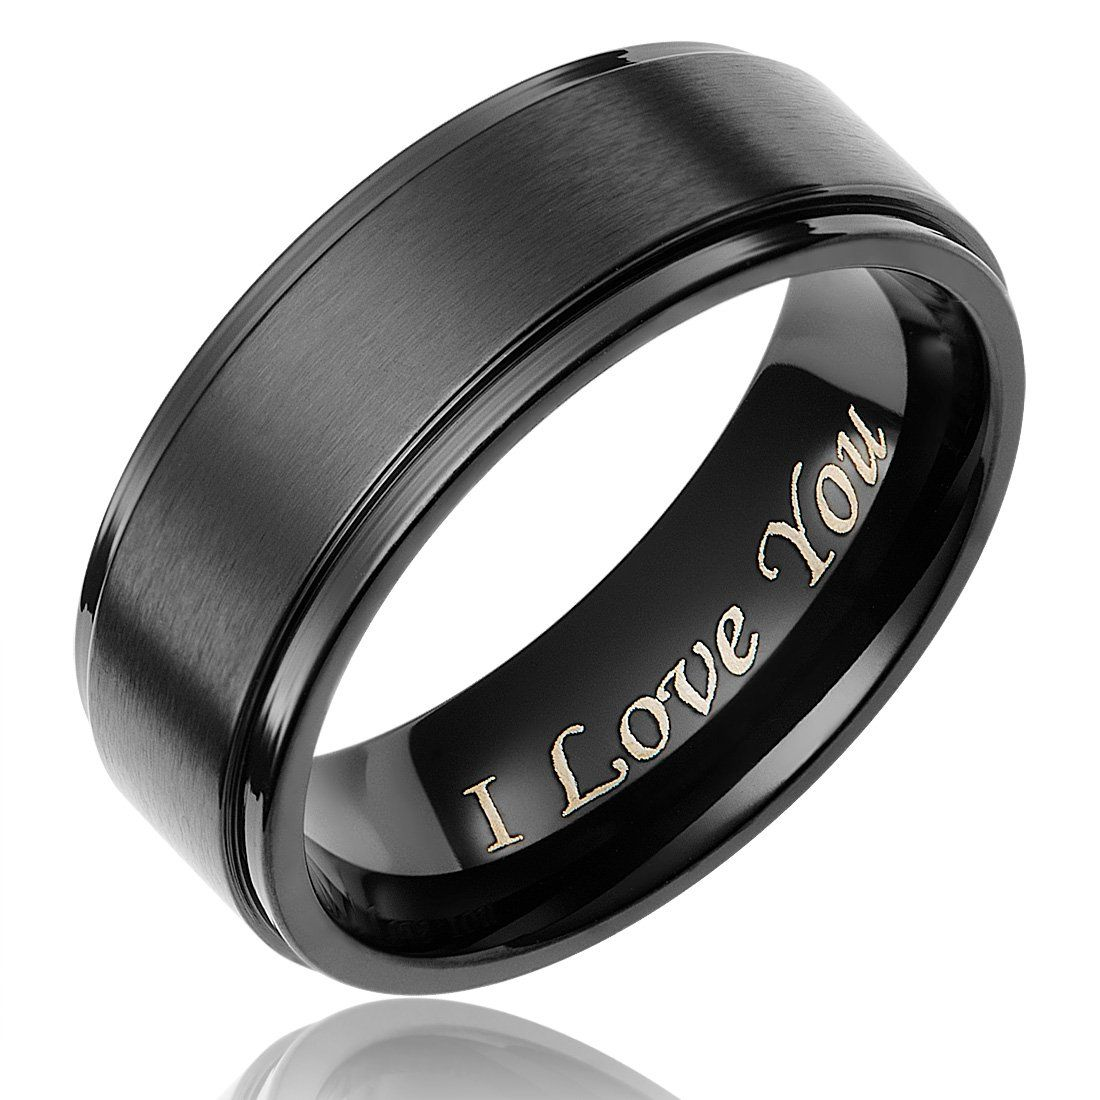 Cavalier Jewelers 8MM Men's Black Titanium Ring Wedding